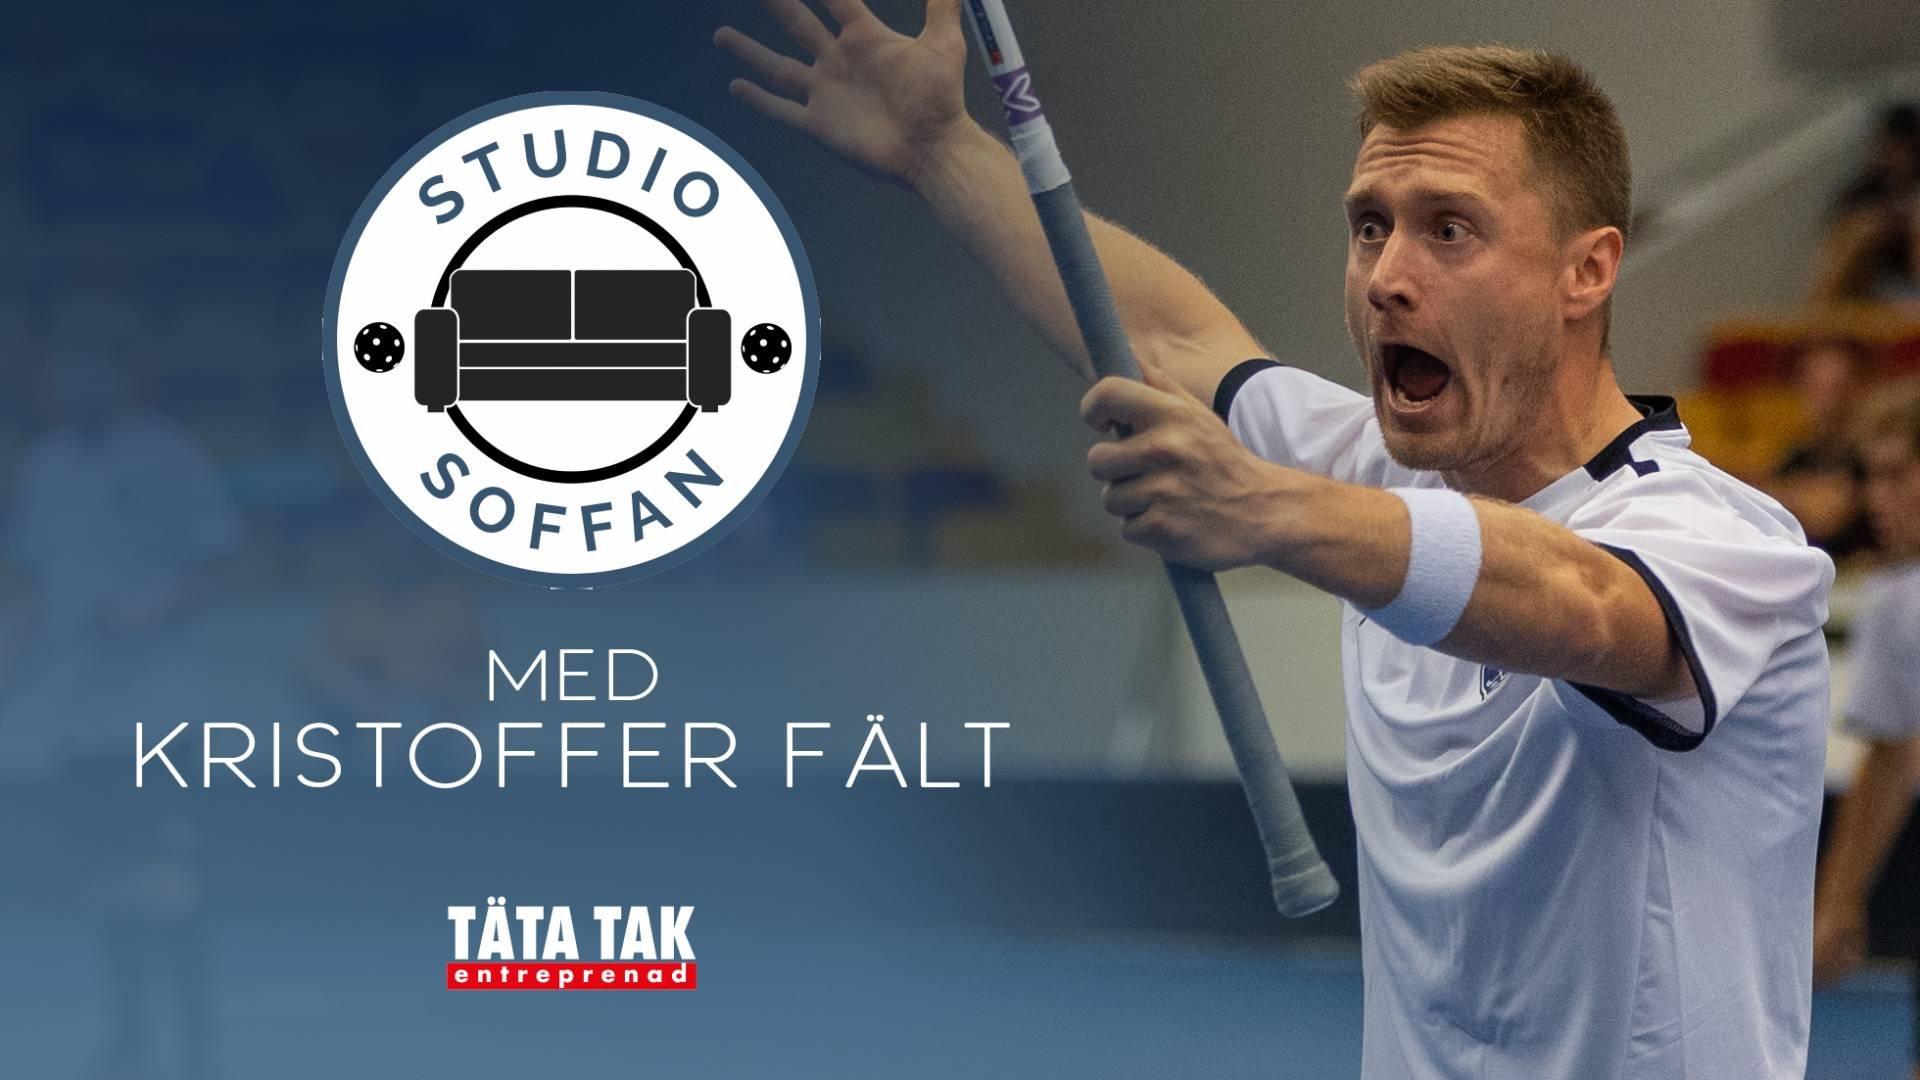 Studio Soffan - Kristoffer Fält